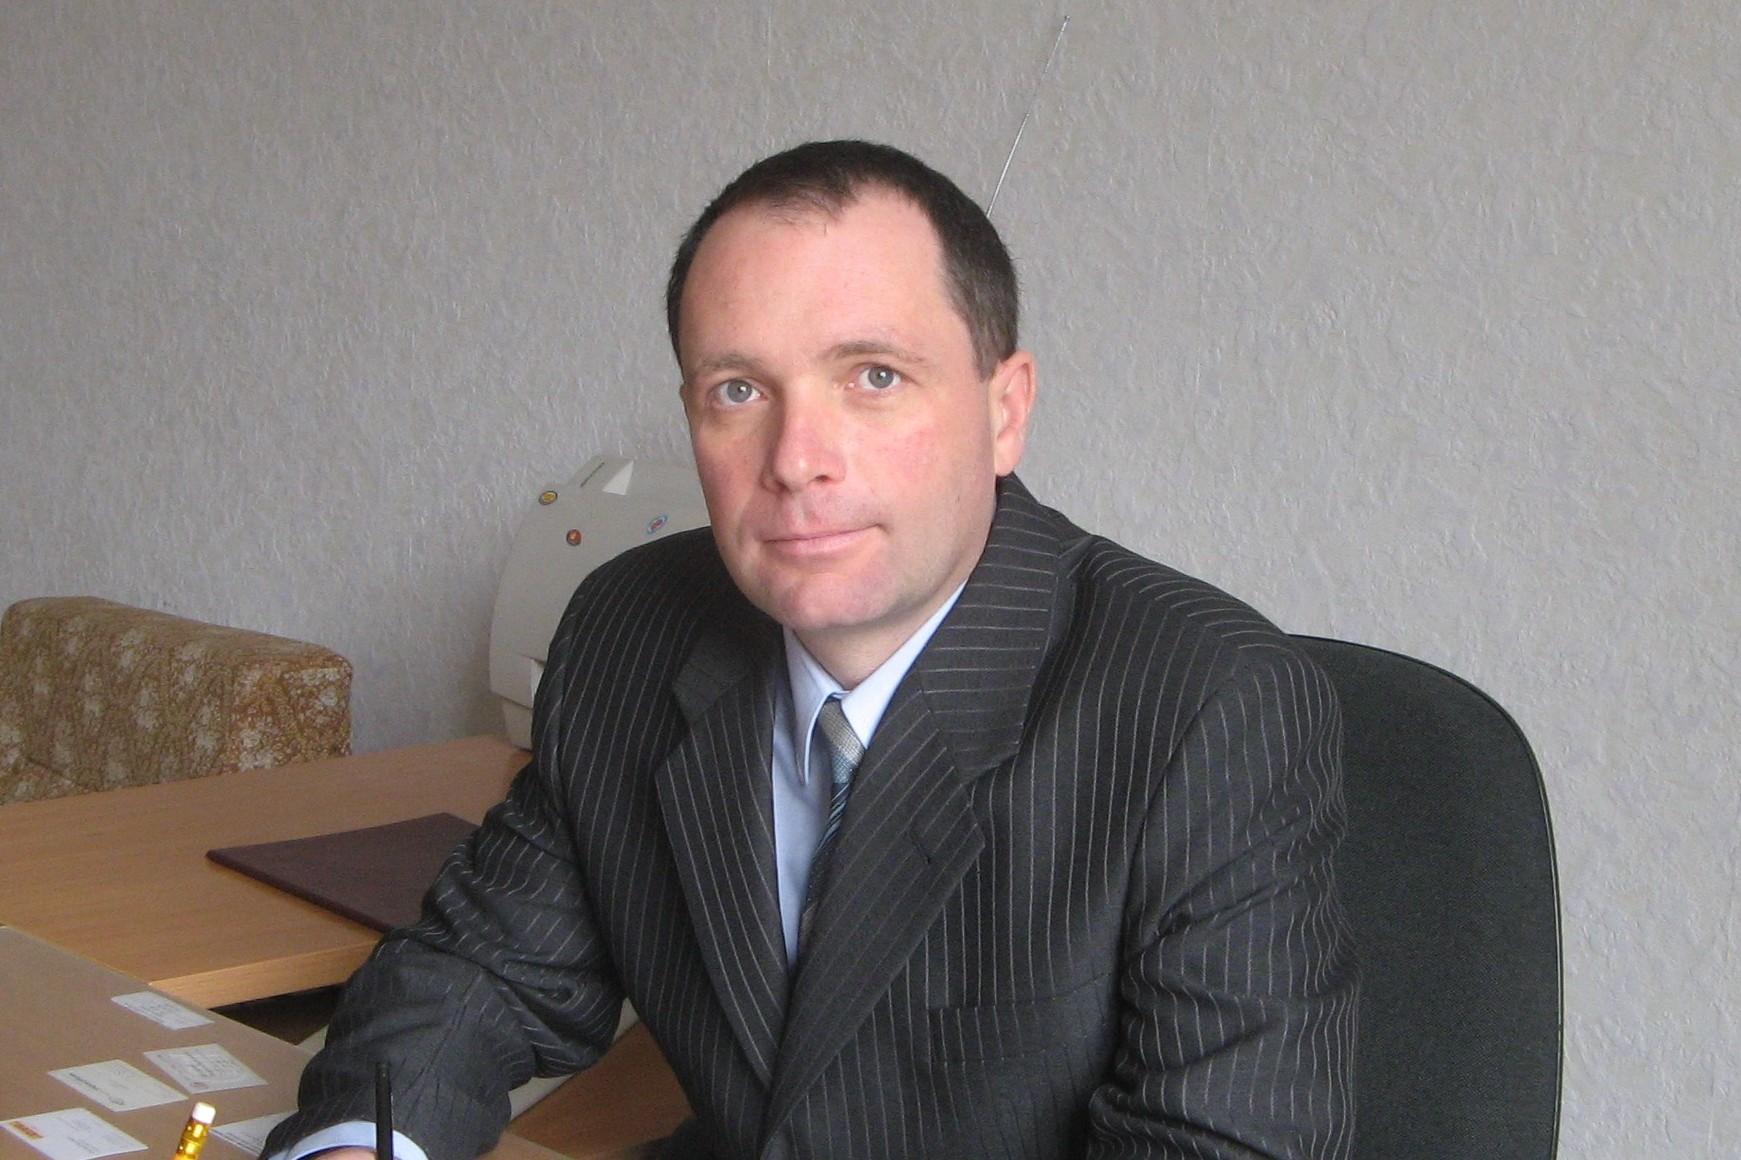 Учений секретар ІОХ НАНУ к.х.н. Нікітченко Віталій Сергійович